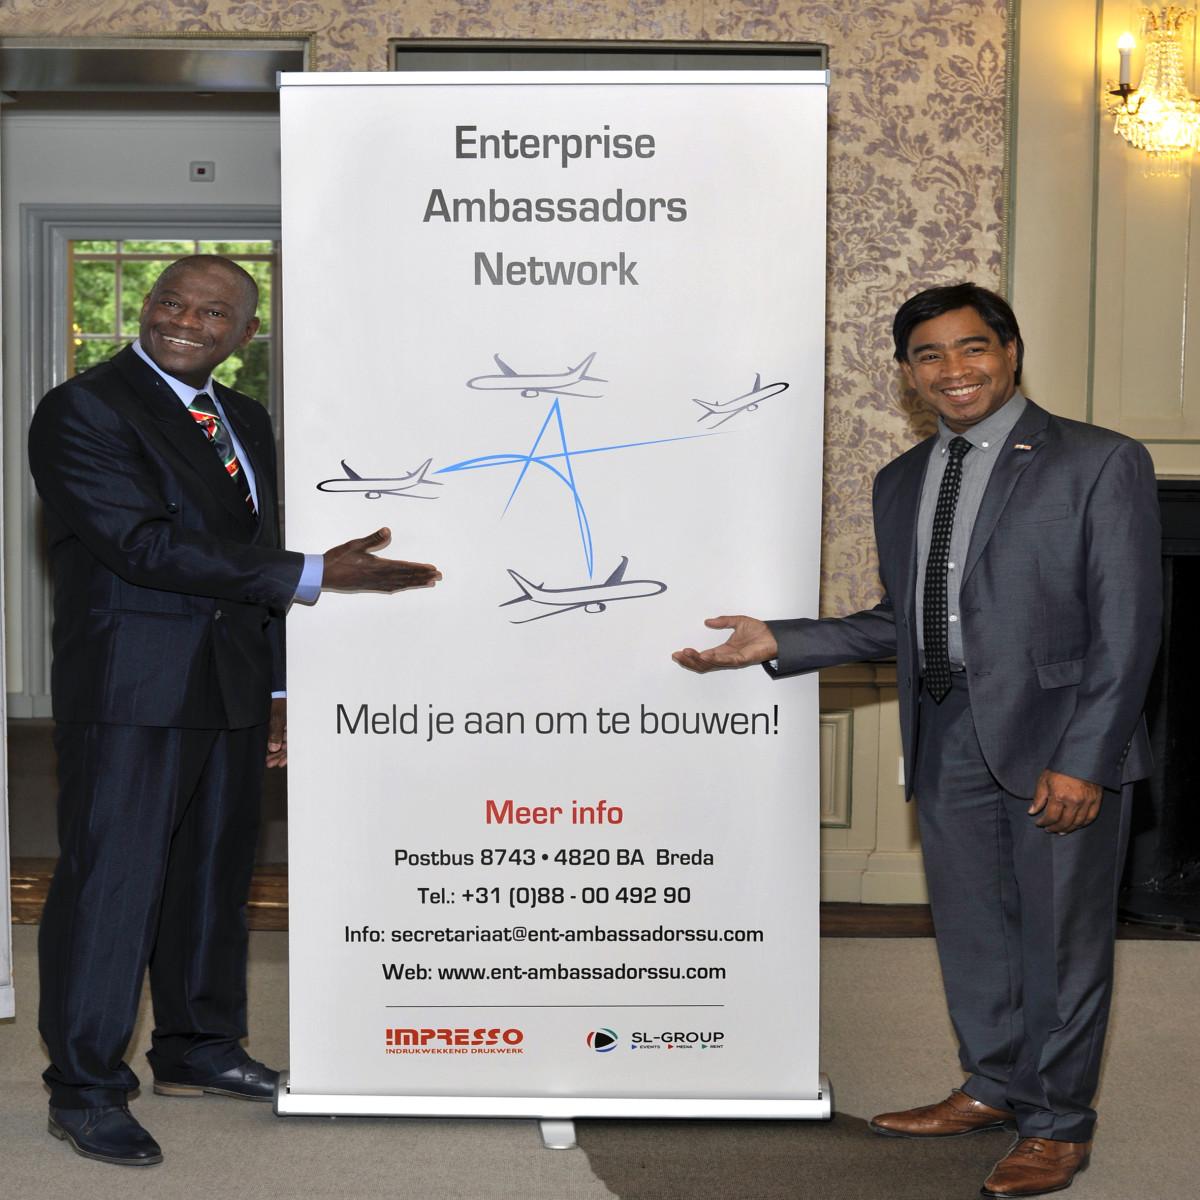 Foto's van de lancering van het Enterprise Ambassadors Network 1